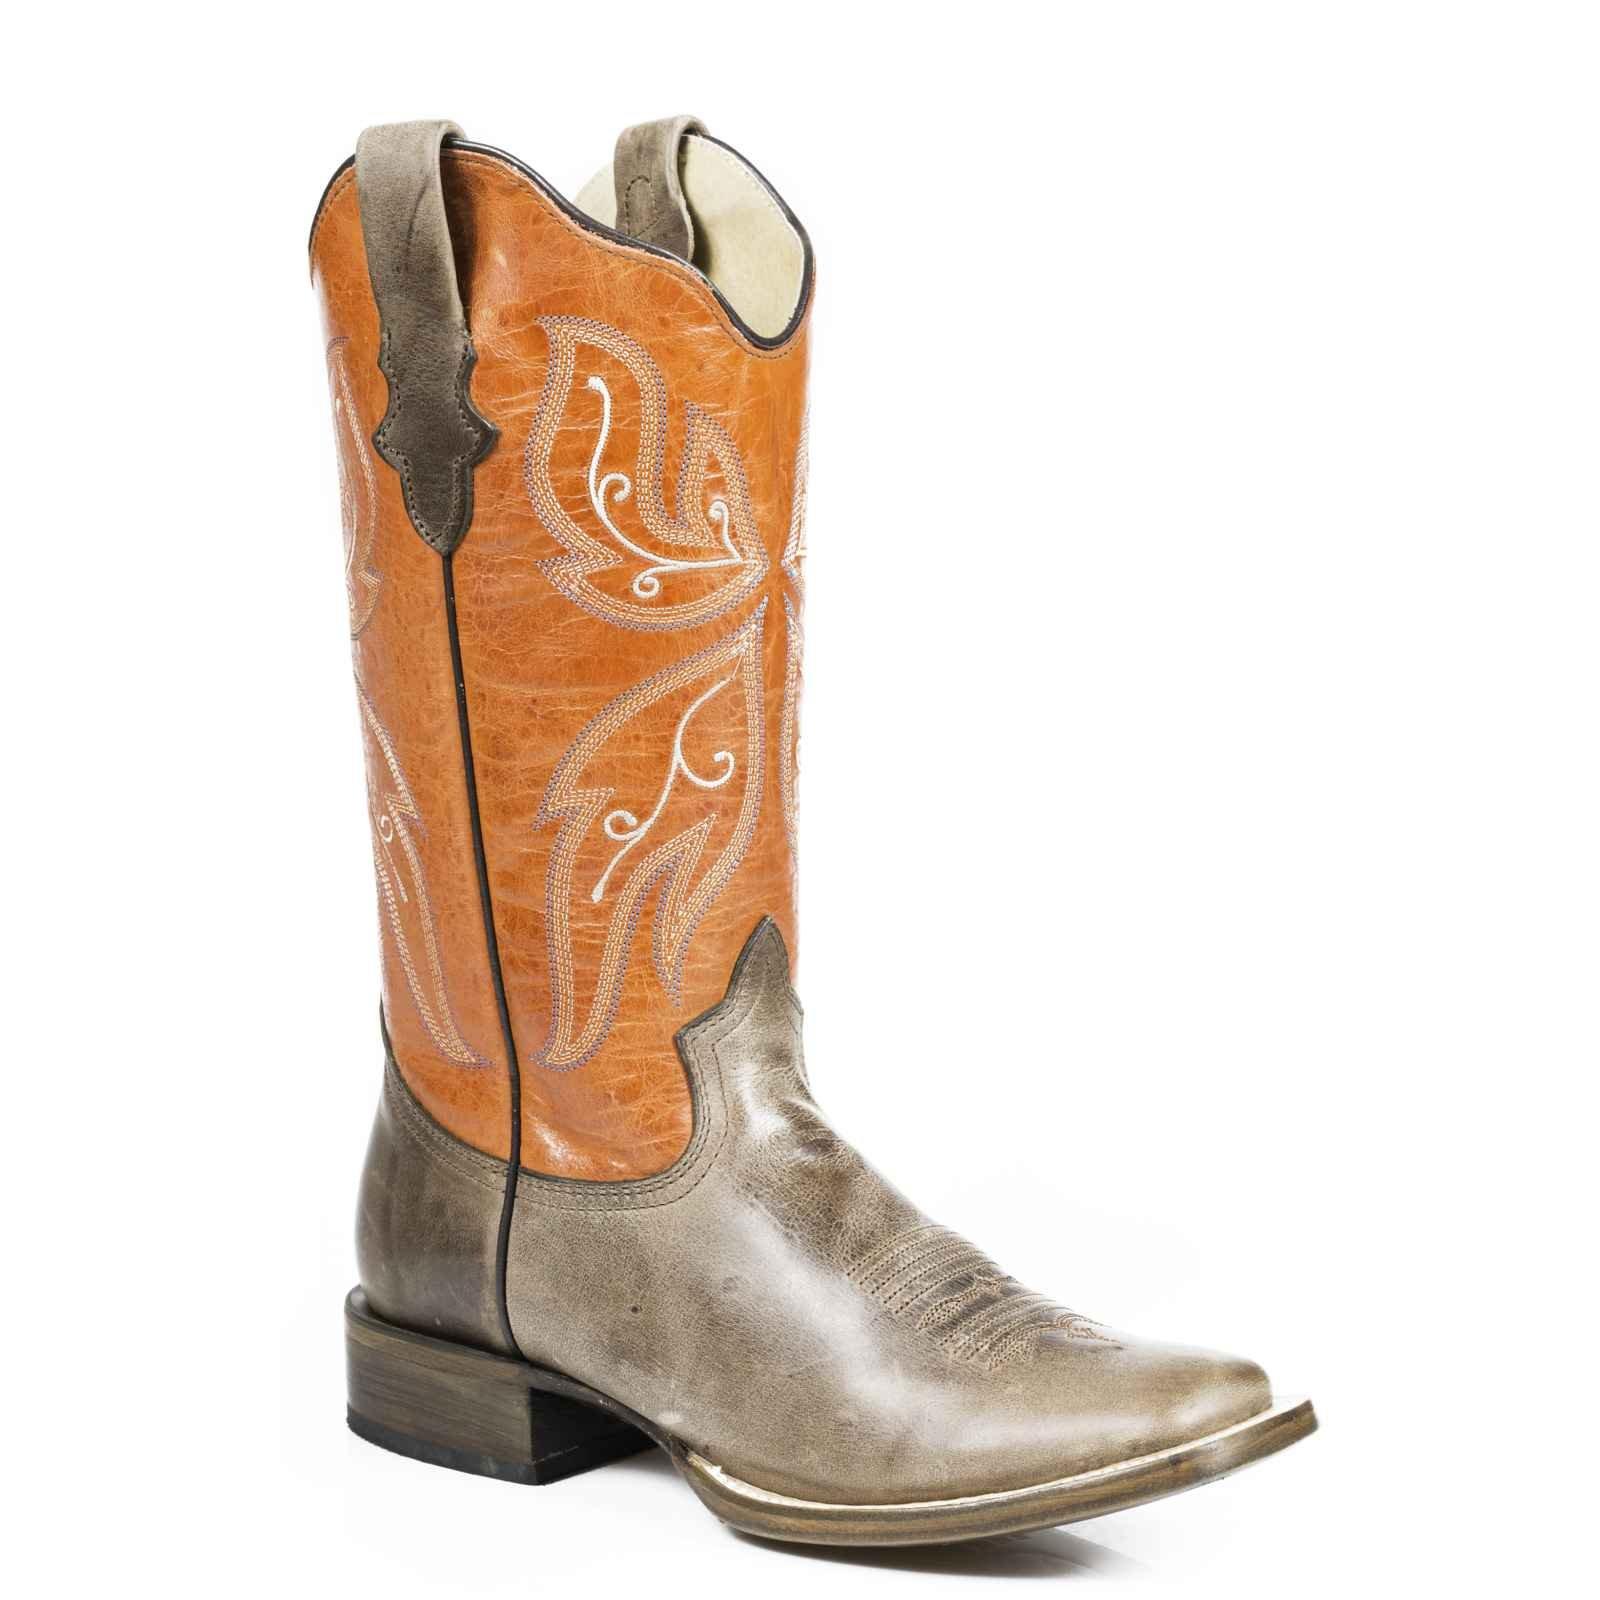 Roper Pop Top Ladies Brown Leather 12in Western Orange Boots 7.5